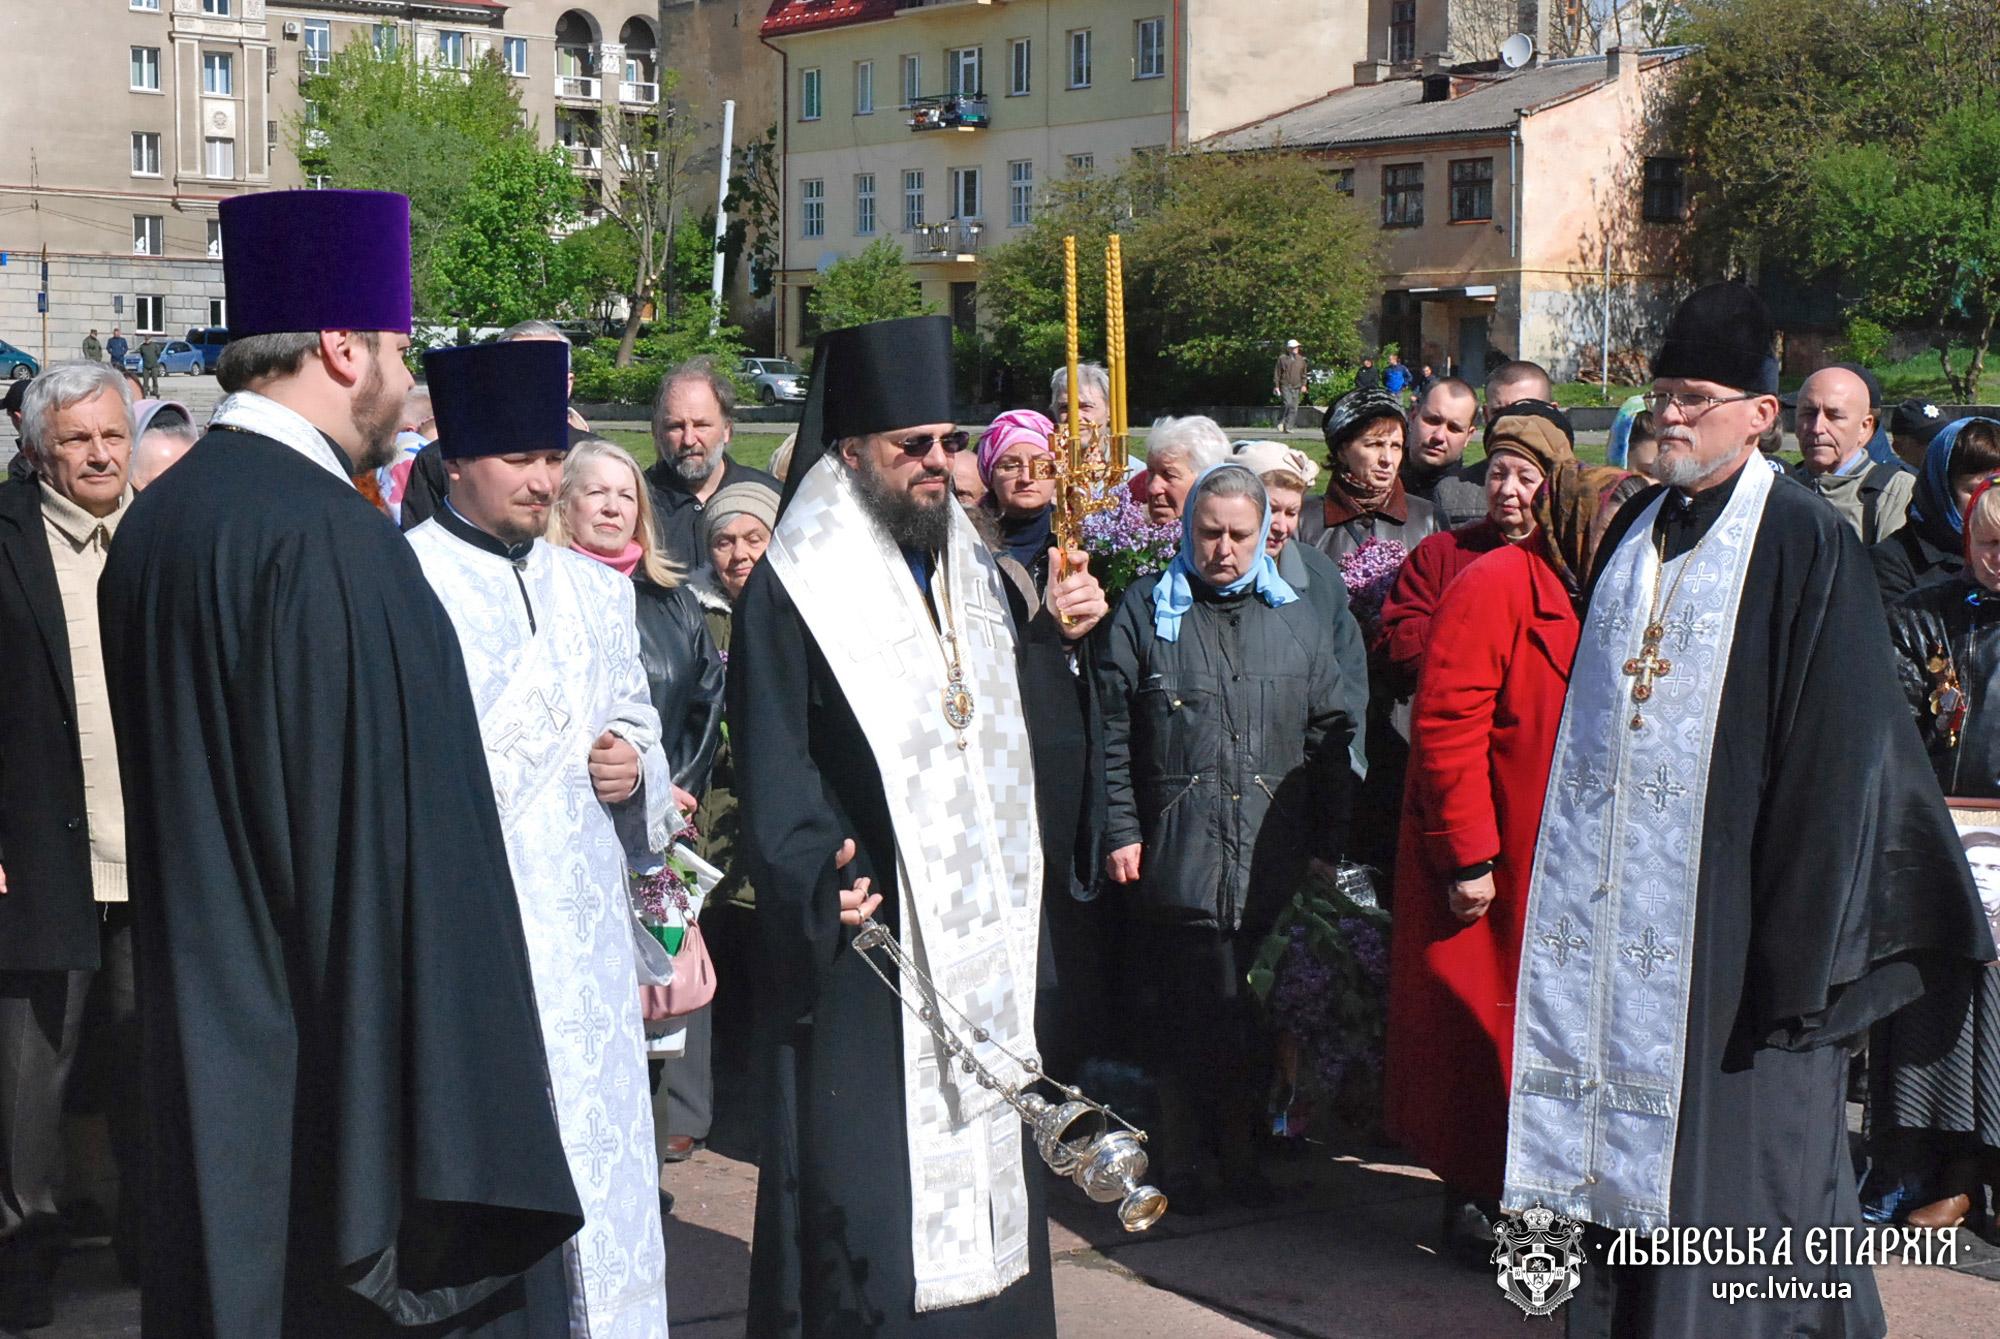 У День Перемоги керуючий Львівською єпархієюочолив молитву за загиблими у Другій Світовій війні